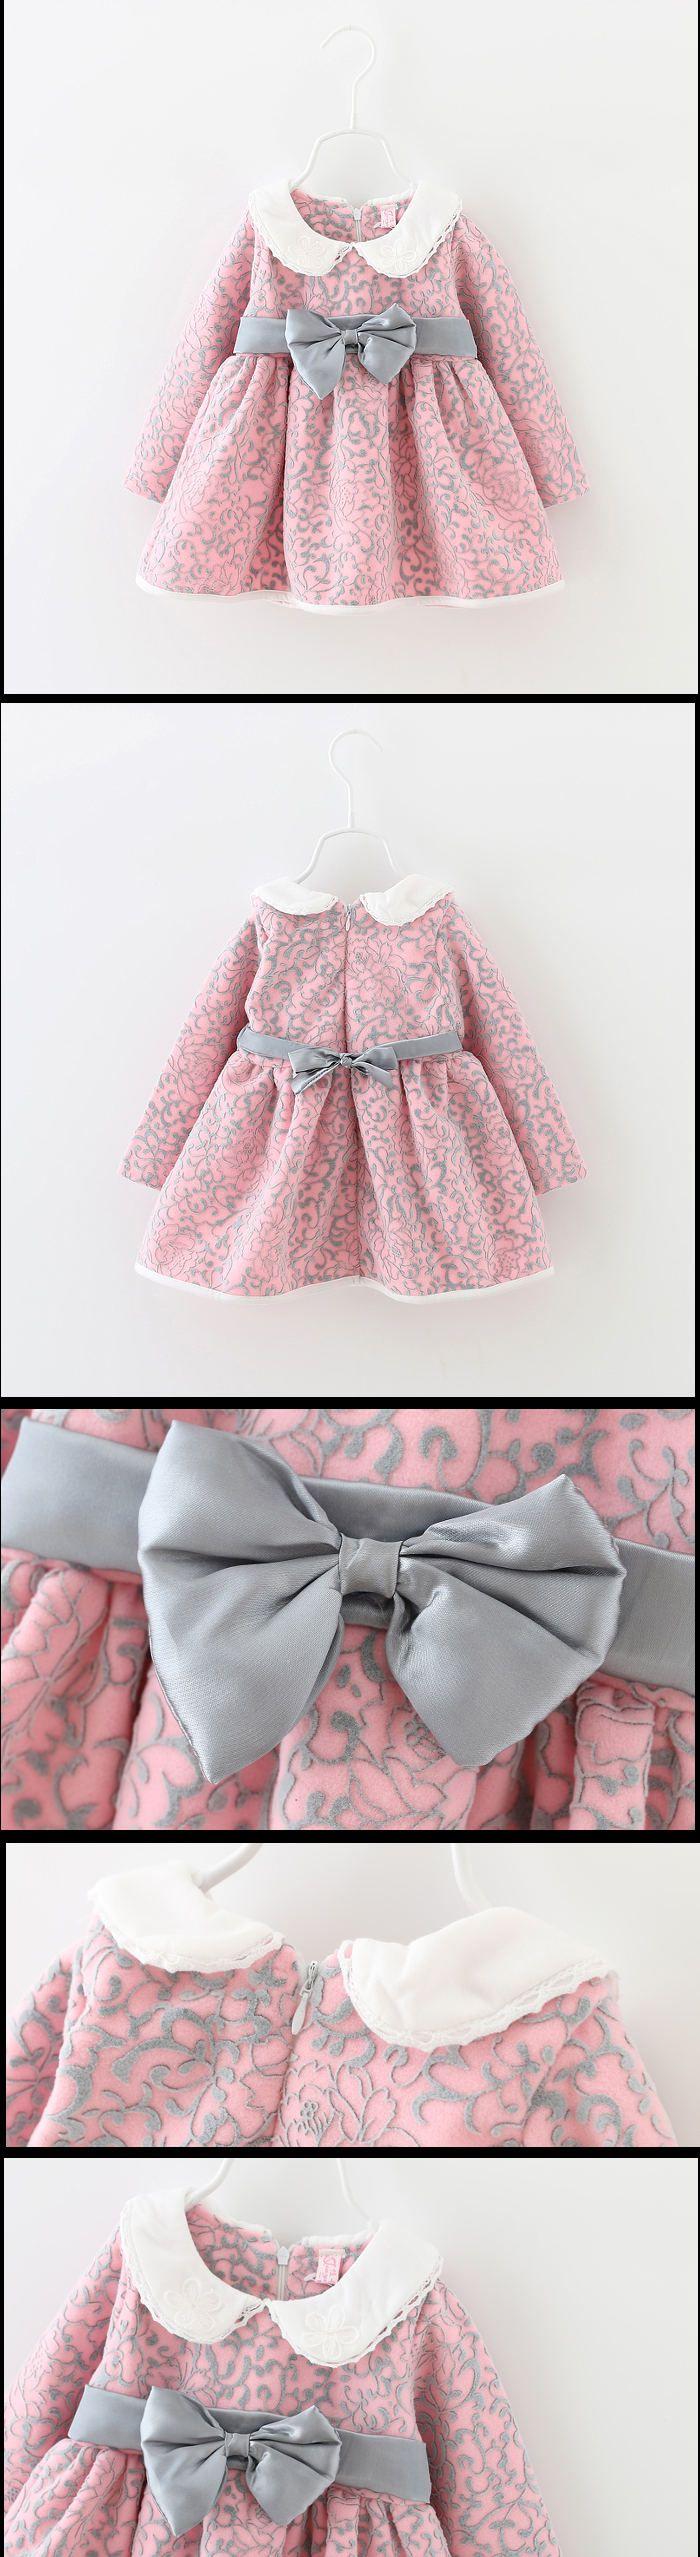 子供 結婚式 ドレス フォーマル 安い 発表会 ワンピース 子供服 :GF28:LRキッズパーティー - 通販 - Yahoo!ショッピング